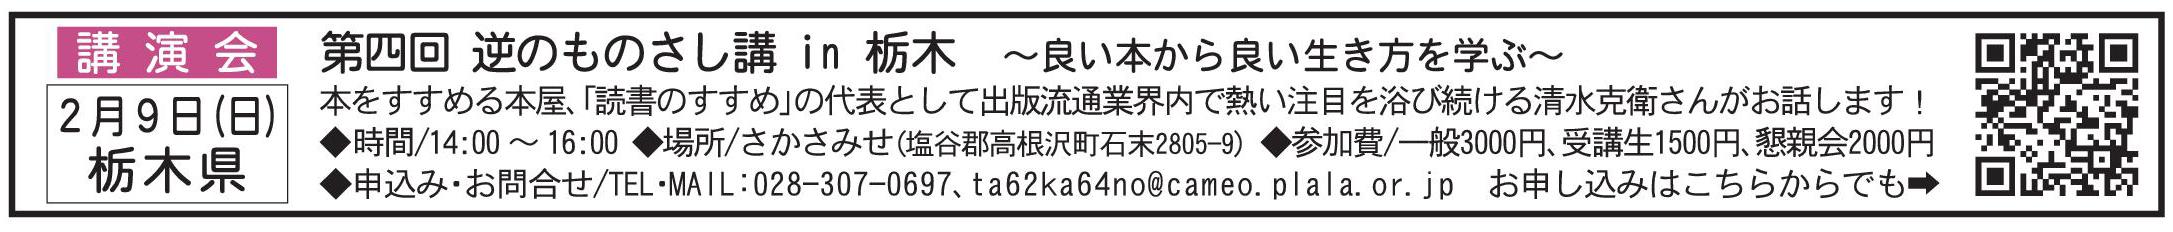 2819muryo1.jpg